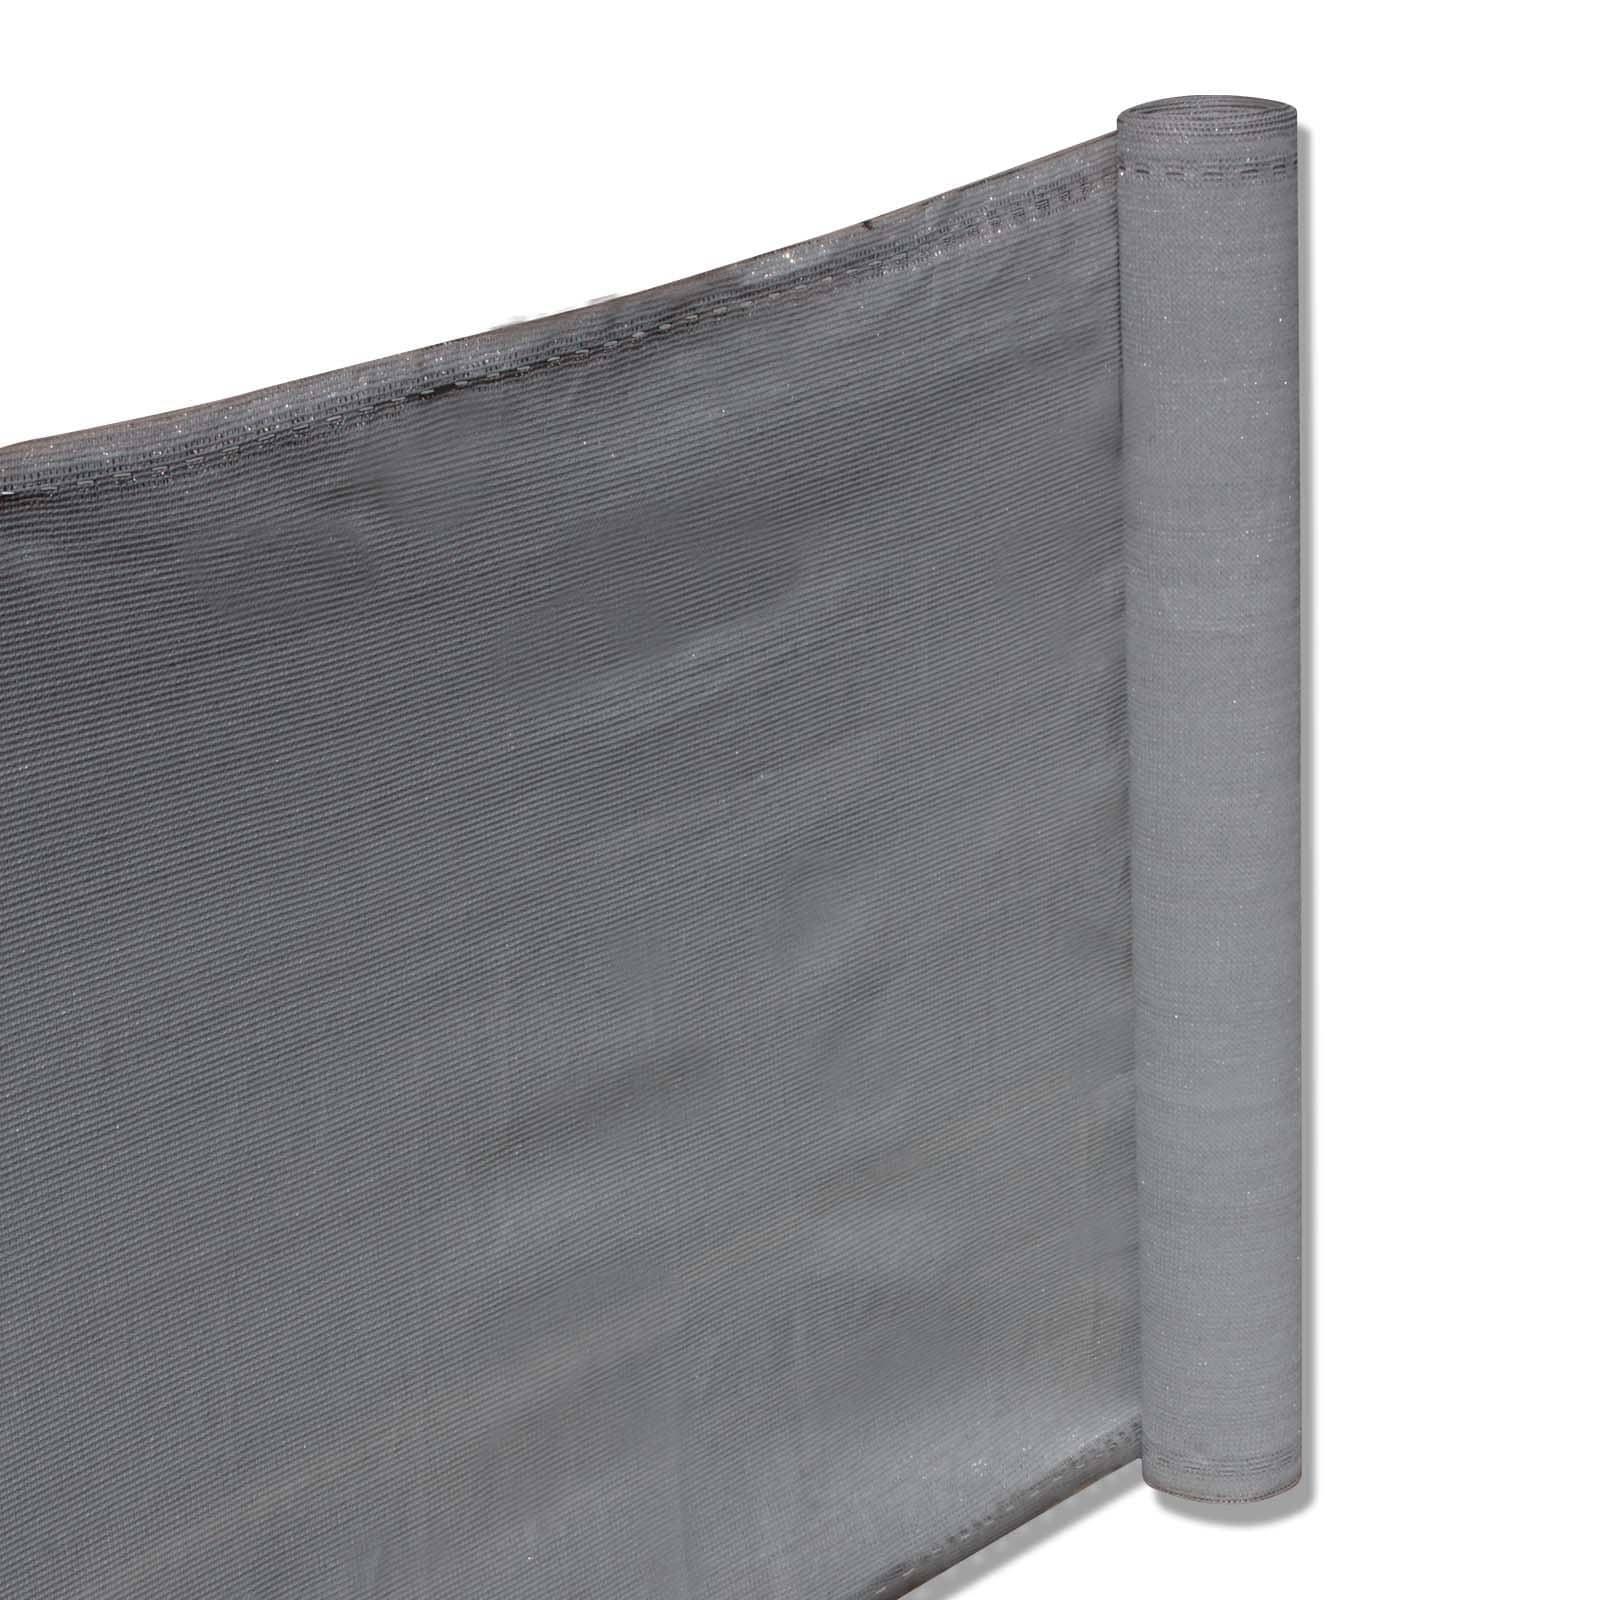 Hanse® Duurzaam Balkonscherm - Kleur Grijs - Balkondoek - 500x90cm